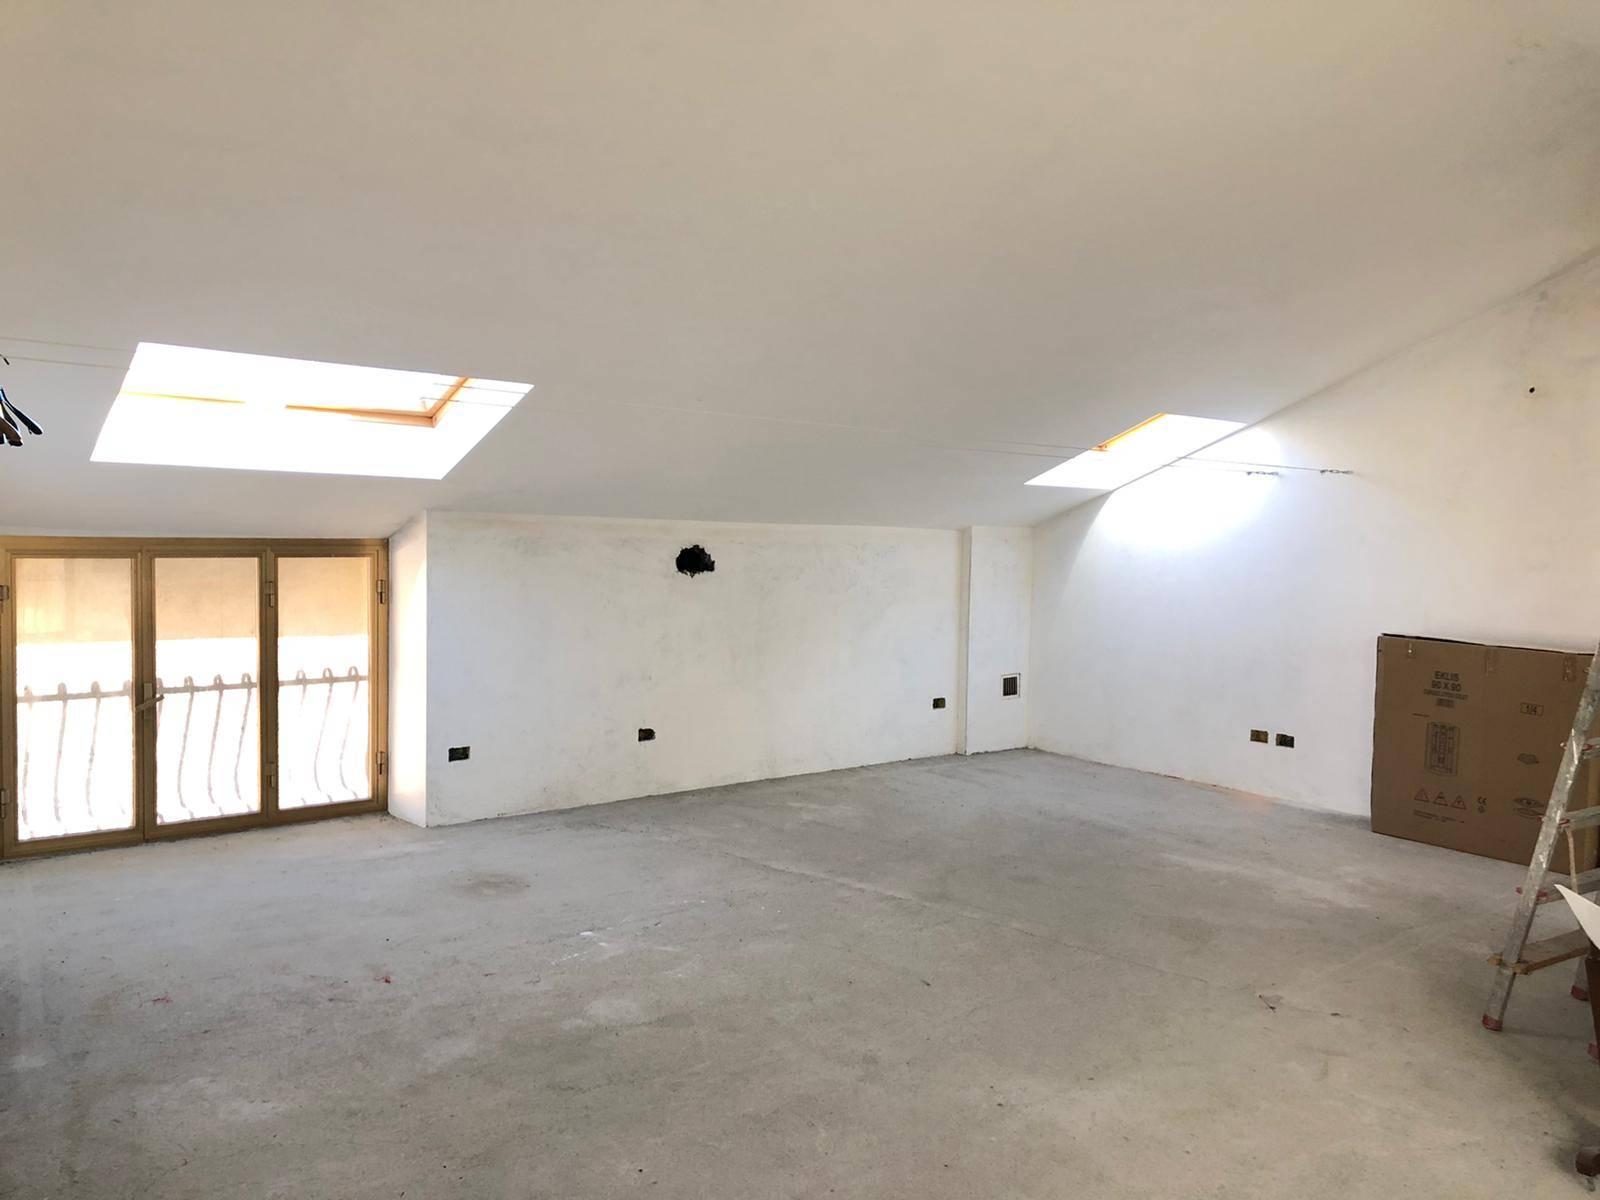 Sant'Ambrogio di Torino (TO): Appartamento mansardato recente costruzione